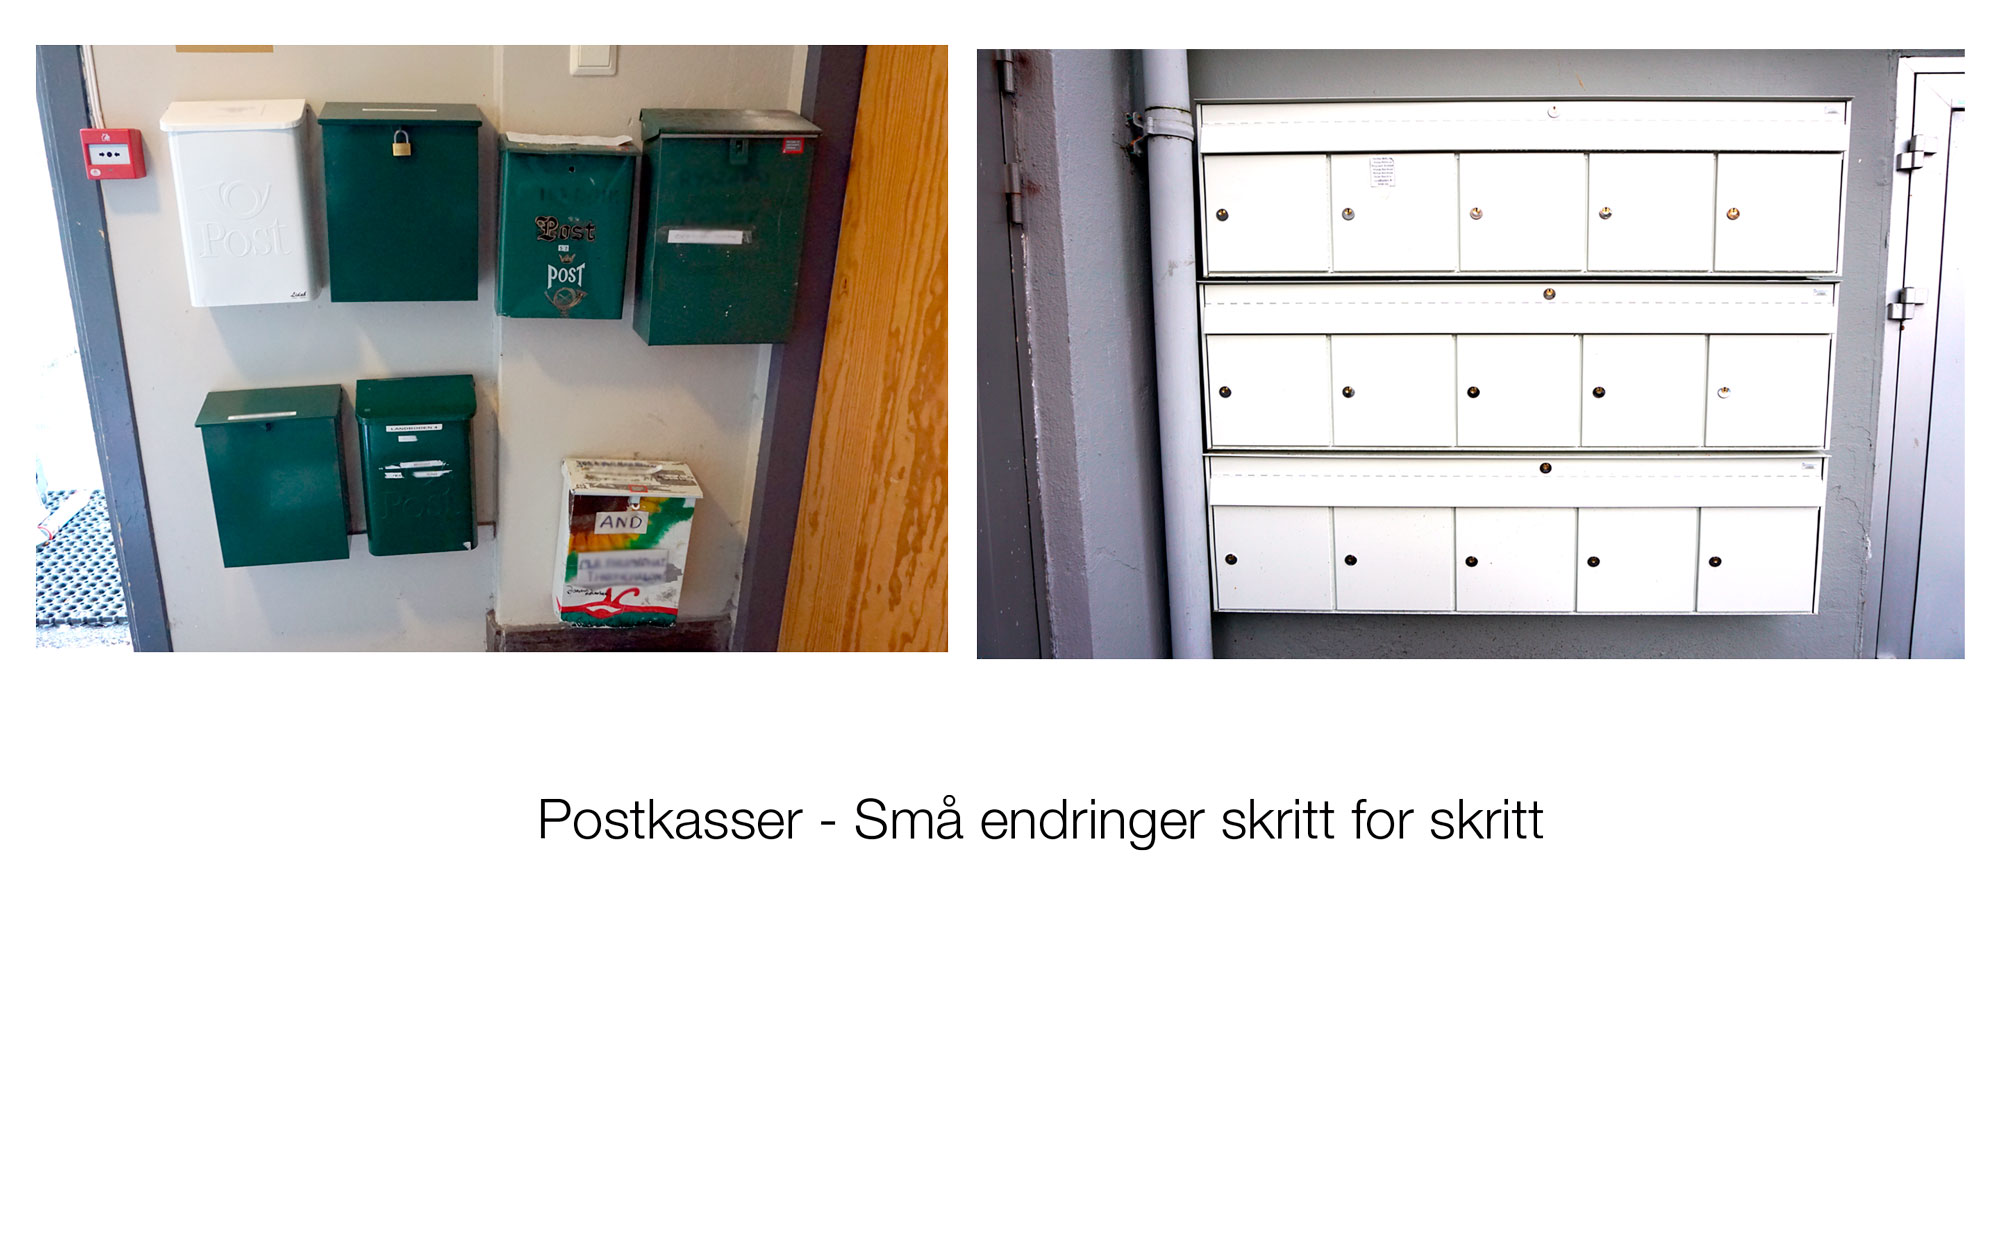 Postkasser før og etter små endringer skritt for skritt